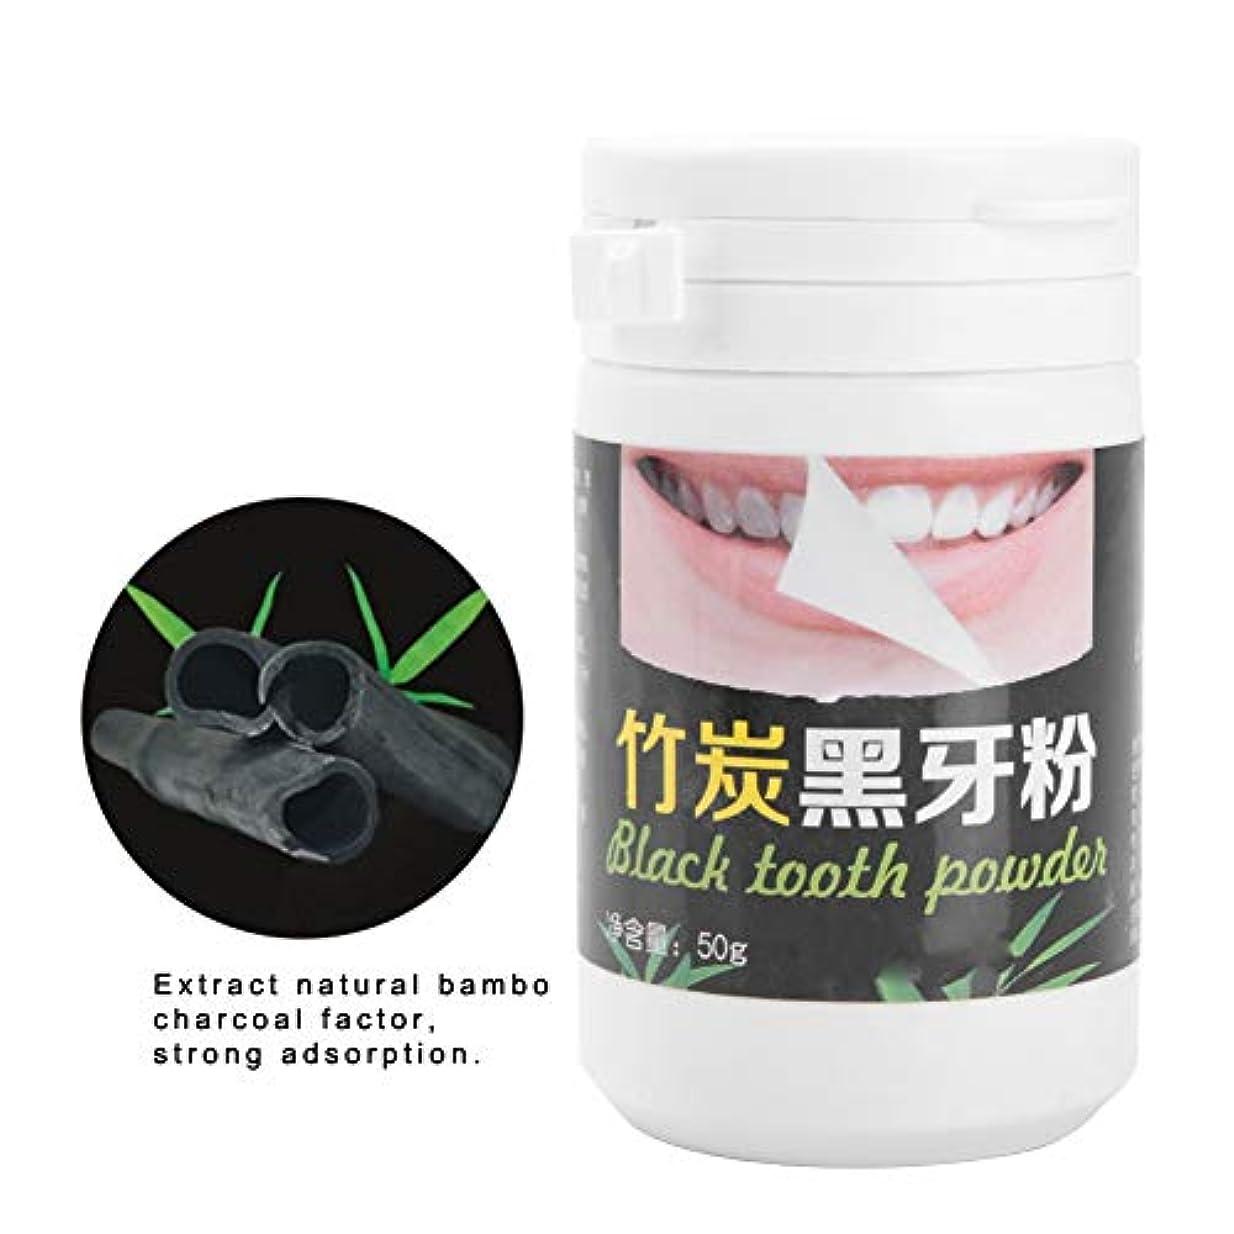 汗置くためにパックループ歯の手入れをする有効な汚れの除去剤 - 汚れの除去剤の粉を白くする口腔歯の心配の自然な活動化させた木炭粉